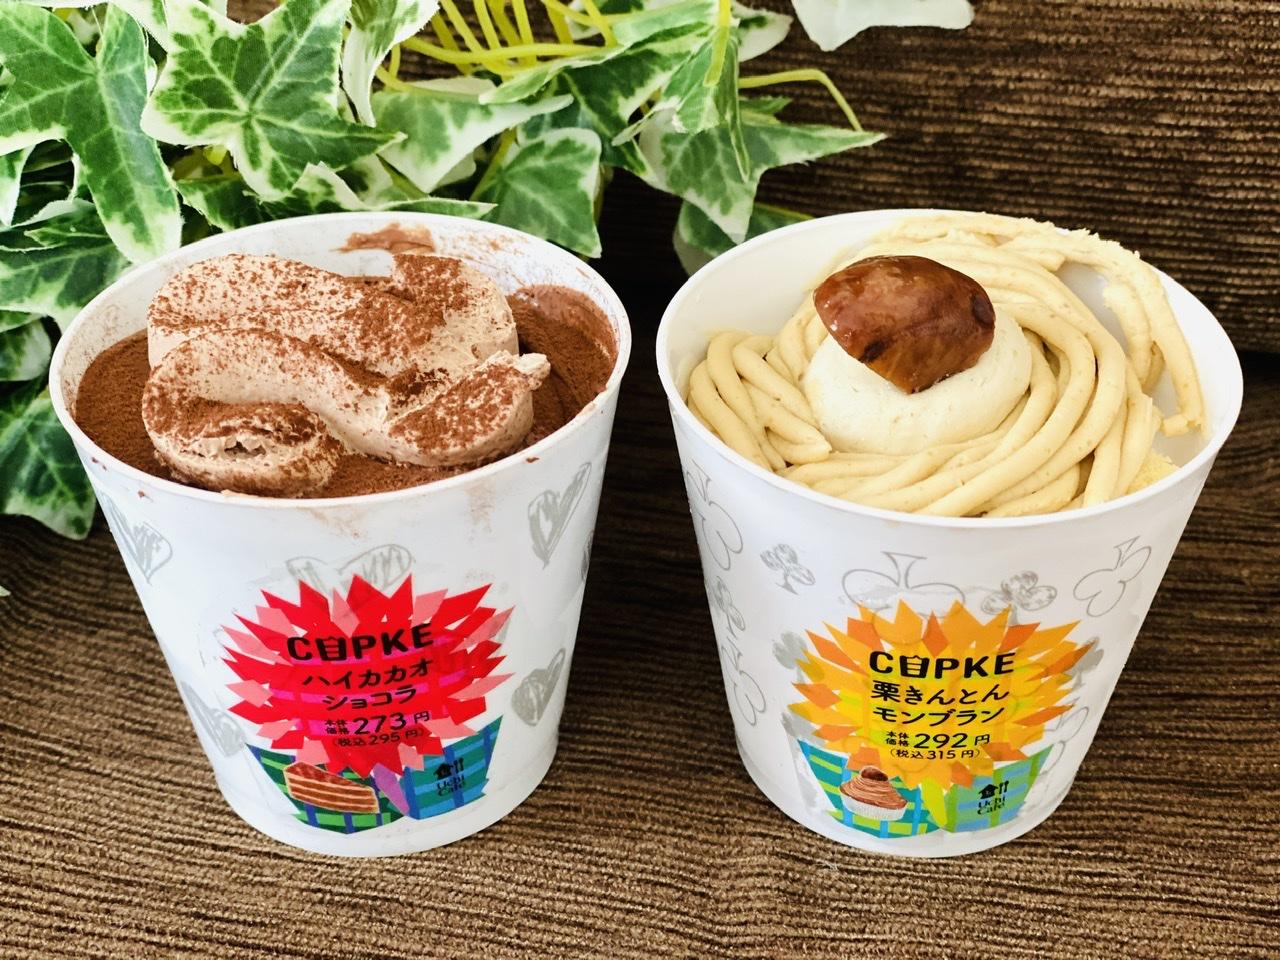 【ローソンスイーツ】可愛すぎて2つ買い♡《CUPKE(カプケ)》から夏の新作3品登場!_7